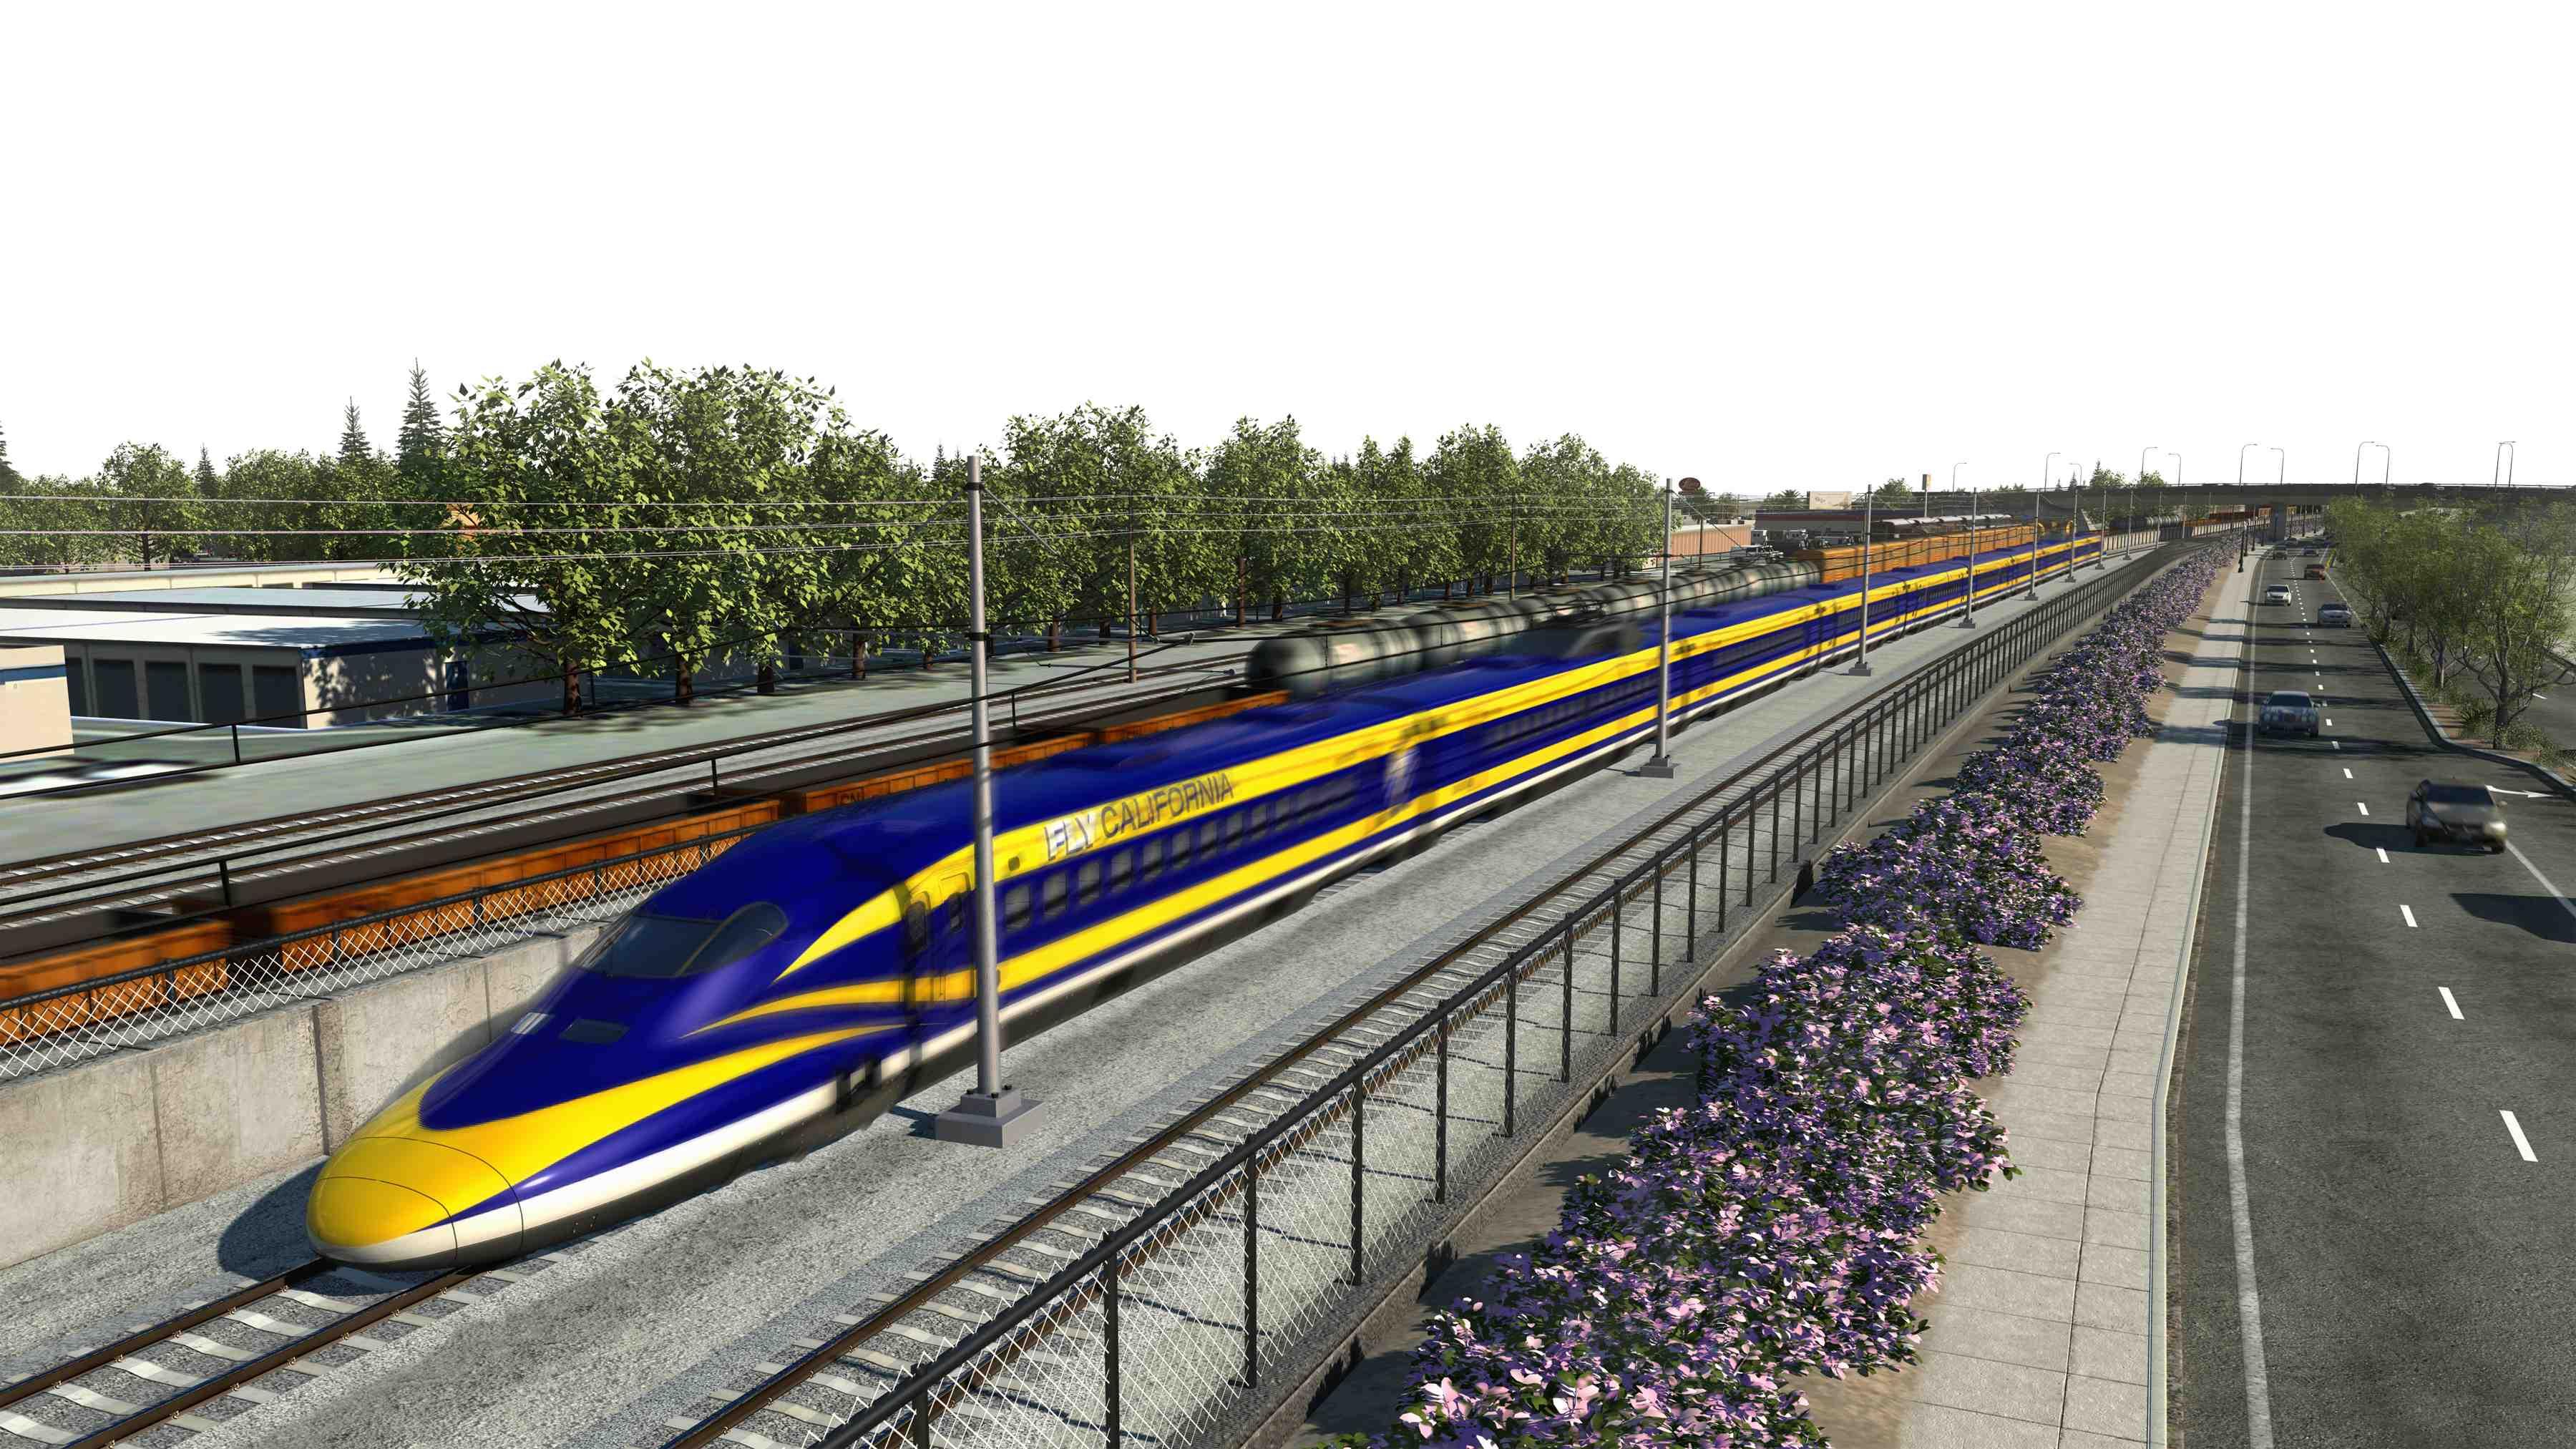 California High-Speed Rail Authority announces bid results